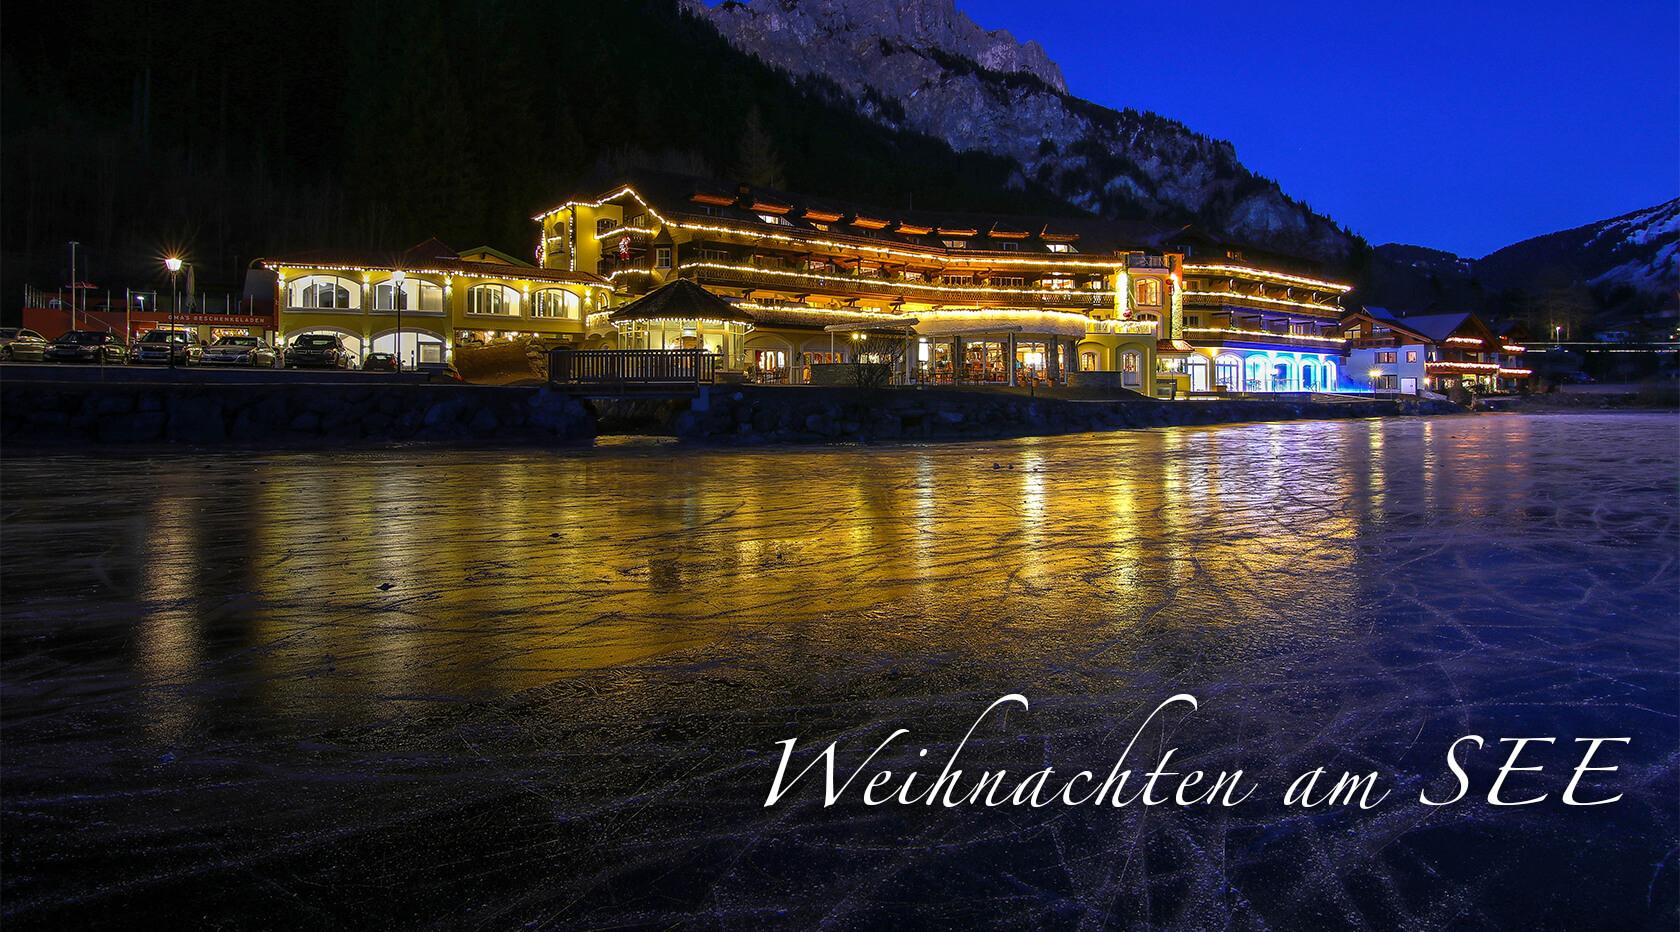 Weihnachten am SEE - Hotel Via Salina